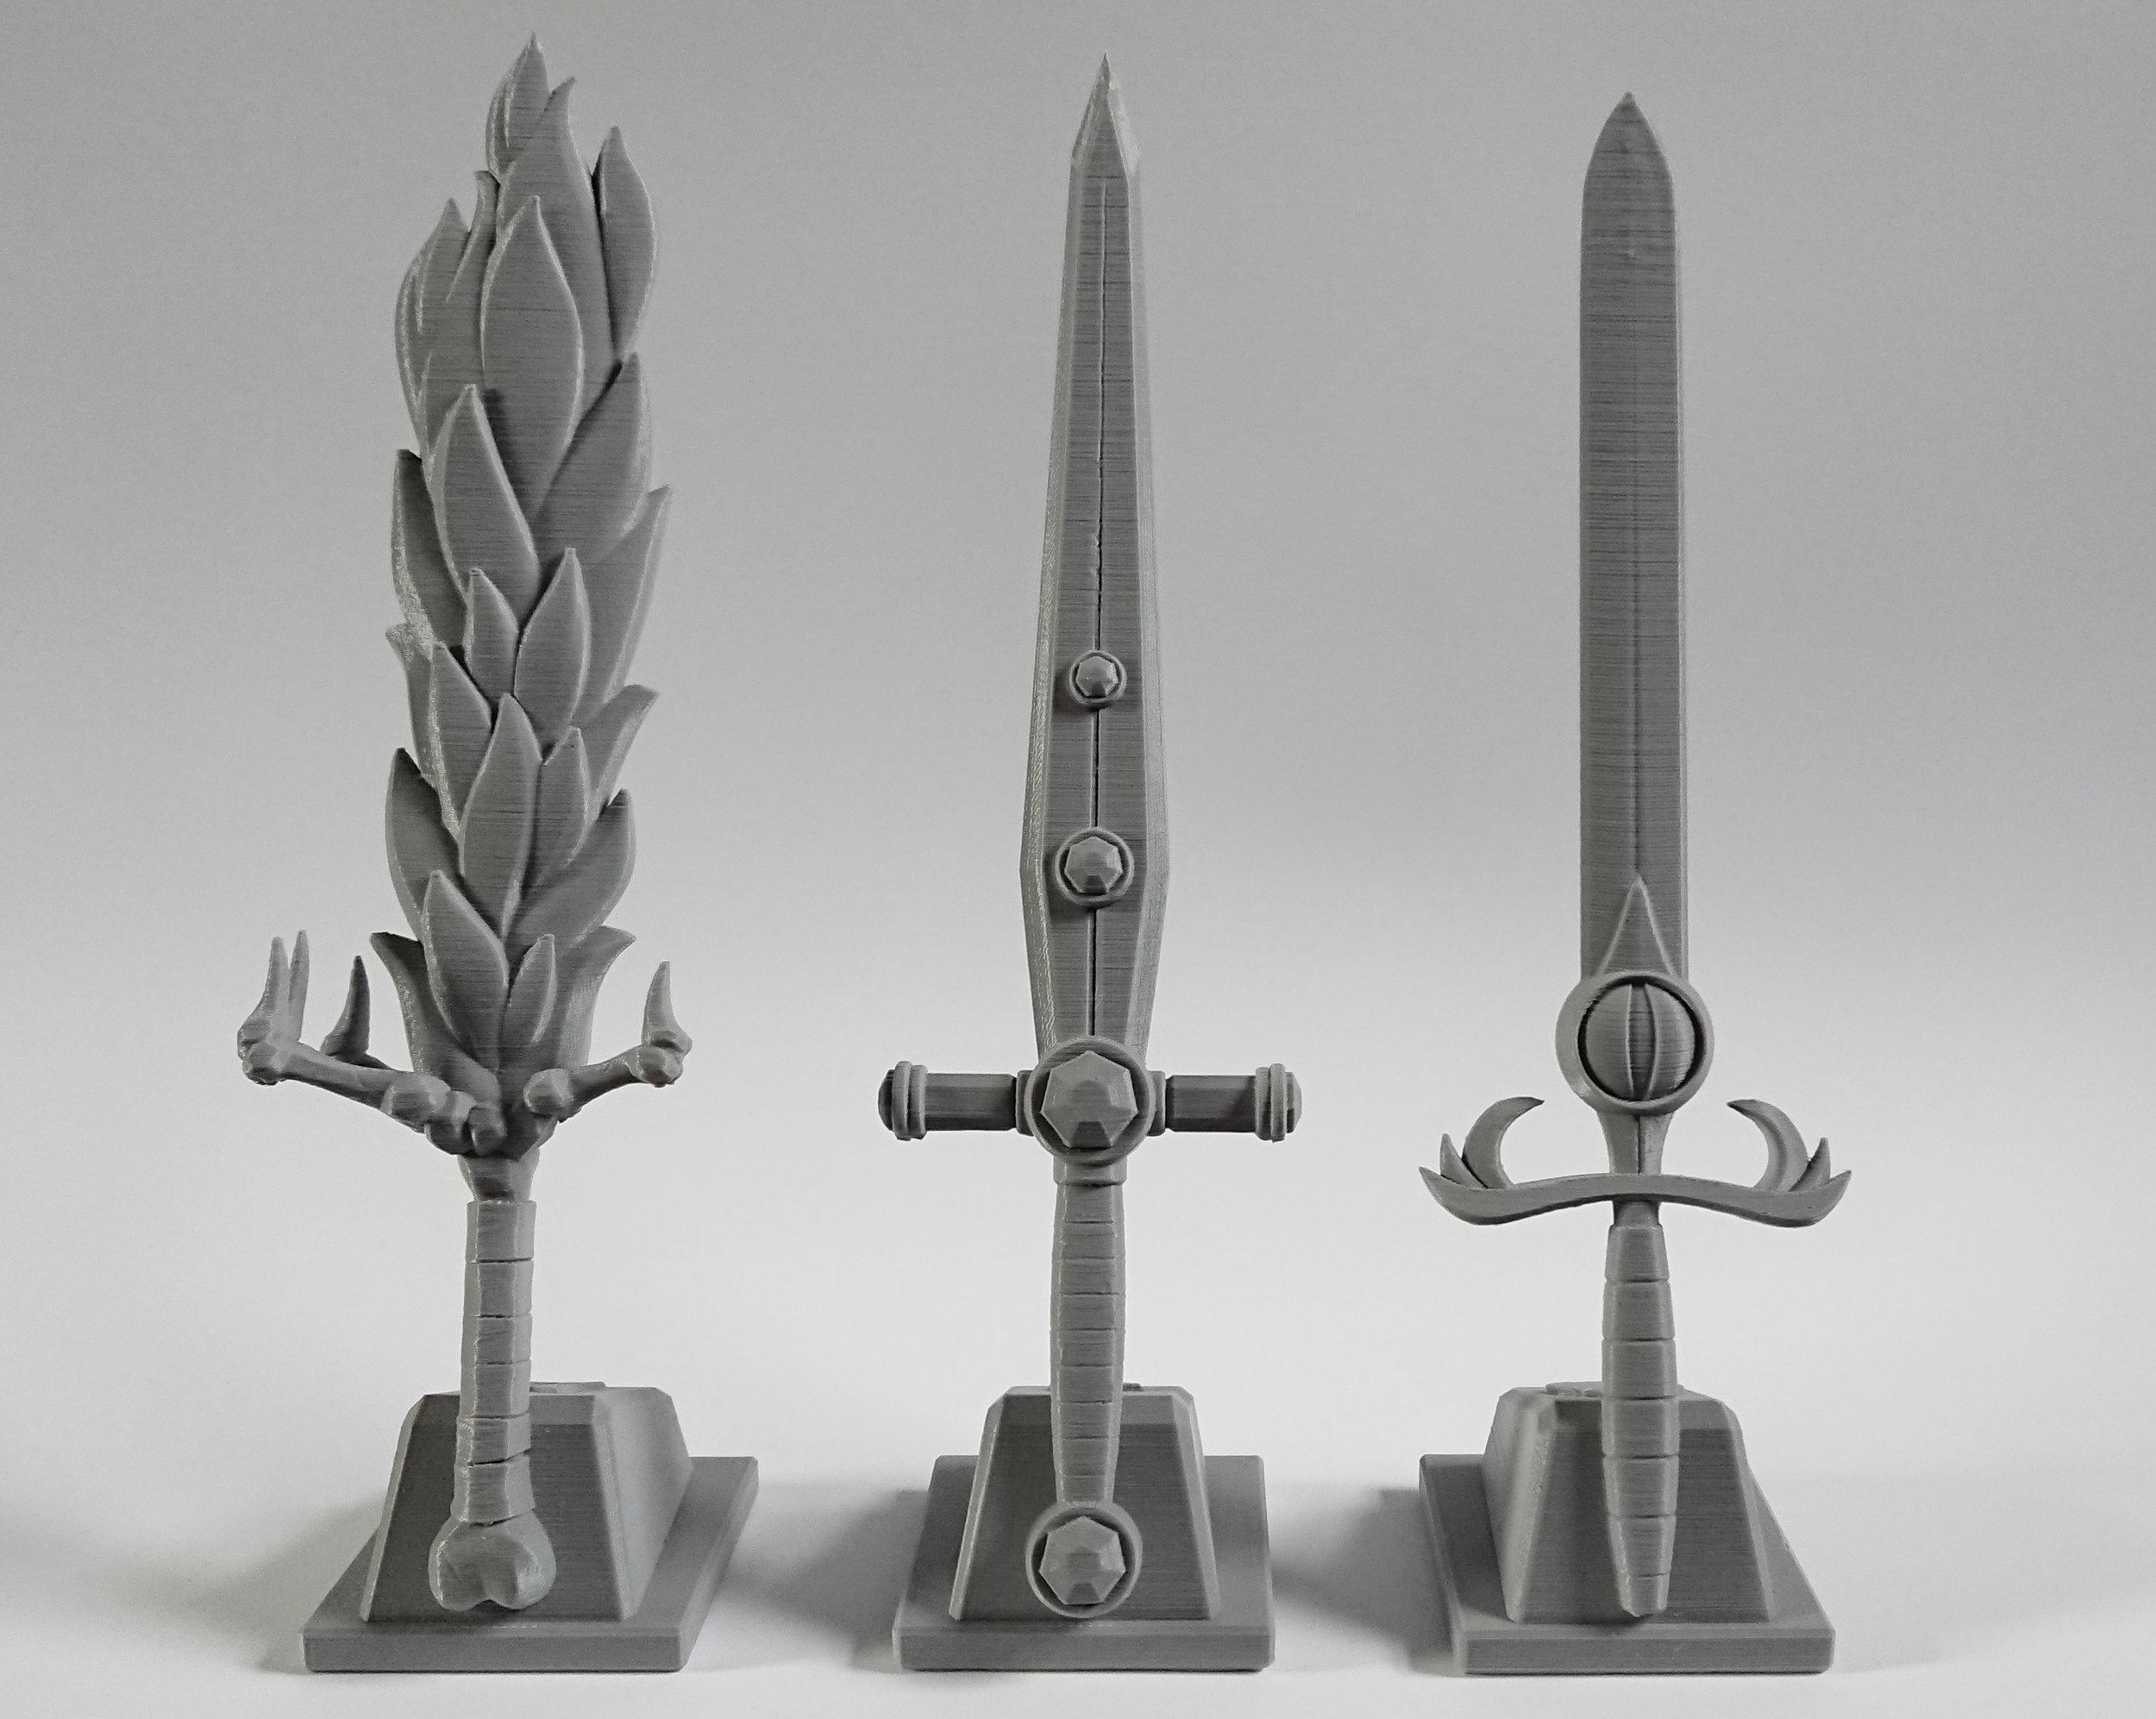 3D PRINT - ALL SWORDS